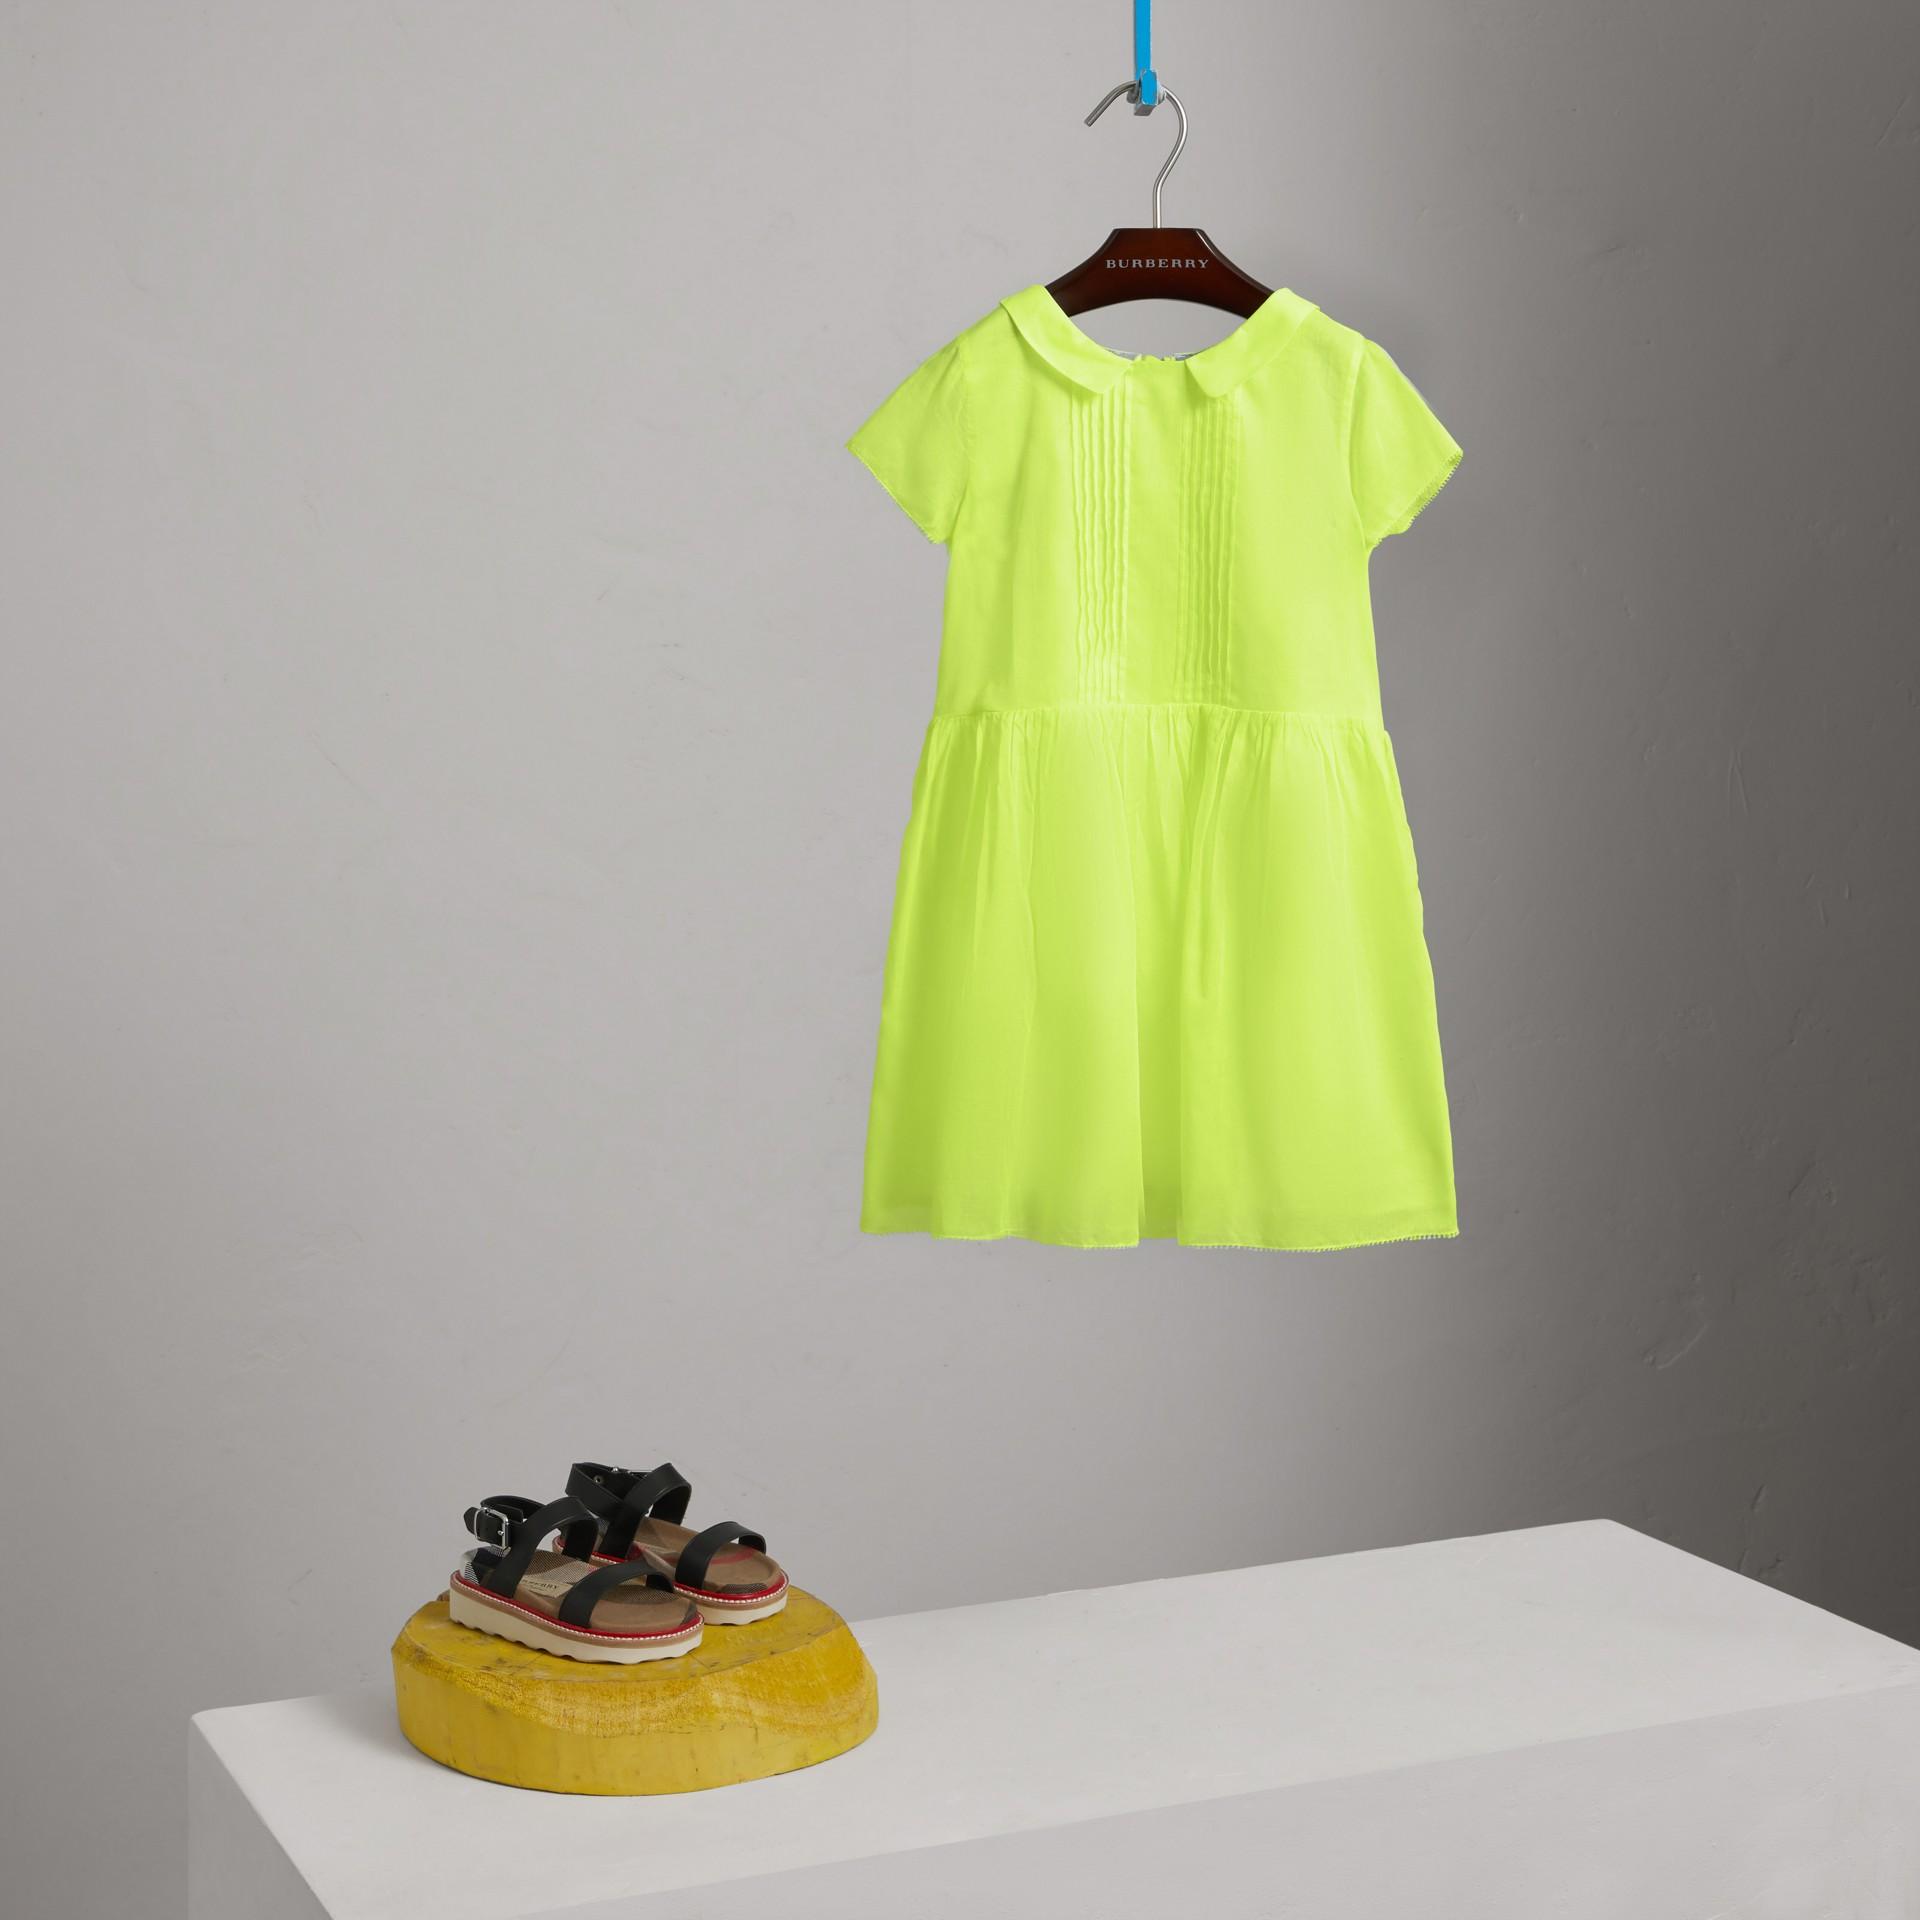 ピンタックディテール コットンボイル ドレス (ネオンイエロー) - ガール | バーバリー - ギャラリーイメージ 0